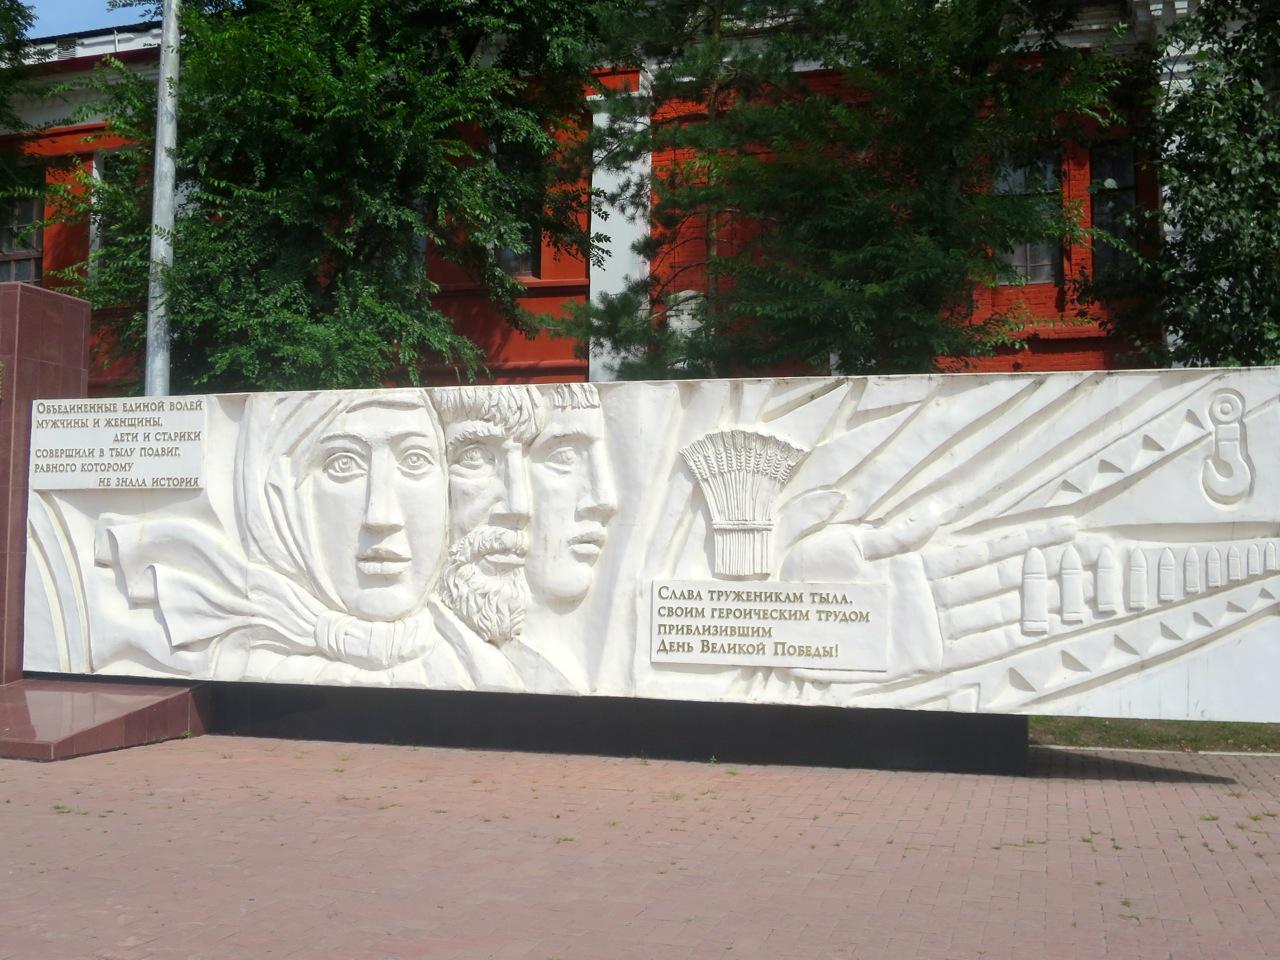 Blagoveshchensk 1 14